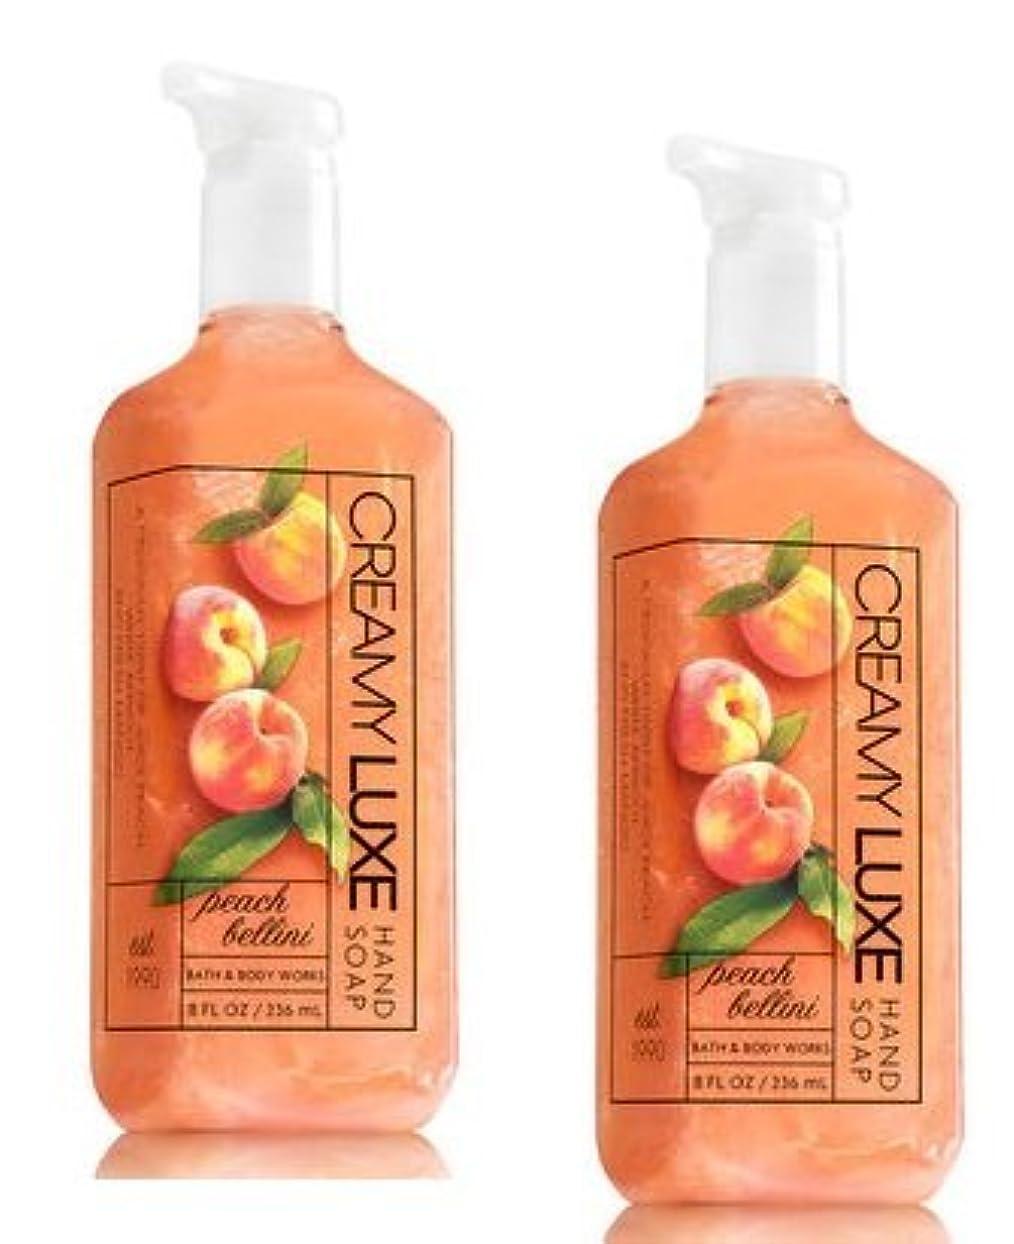 顧問波運搬Bath & Body Works ピーチベリーニ クリーミー リュクス ハンドソープ 2本セット PEACH BELLINI Creamy Luxe Hand Soap. 8 oz 236ml [並行輸入品]